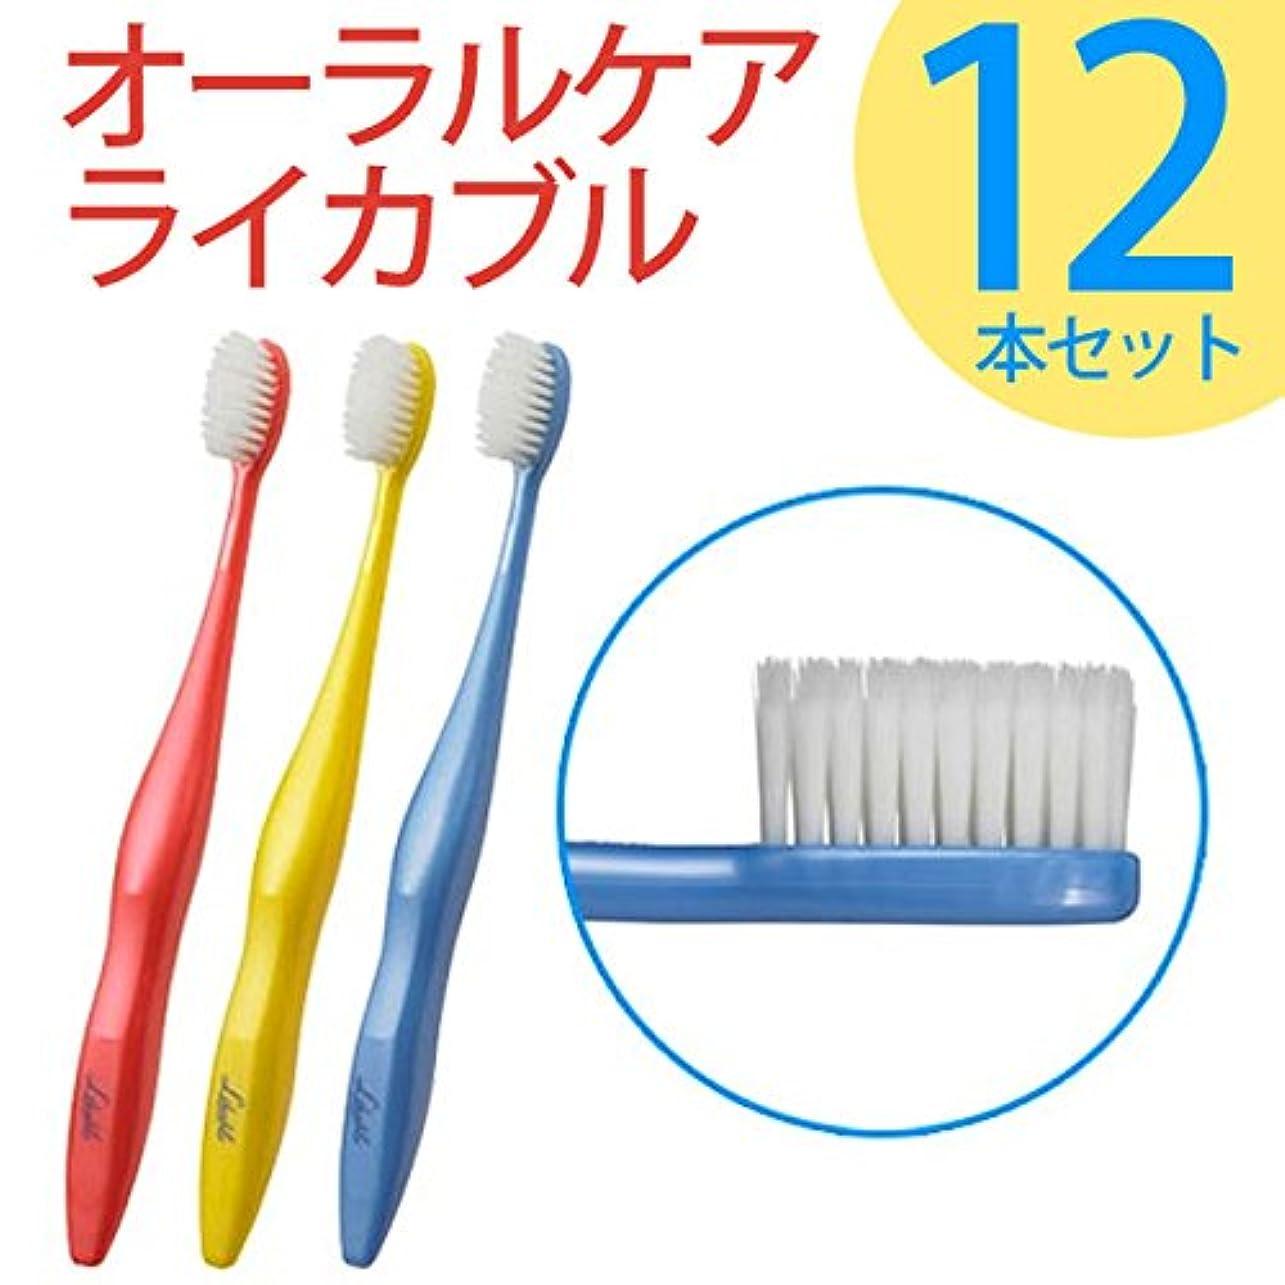 大陸程度登録するライカブル ライカブル メンテナンス用 歯ブラシ 12本セット